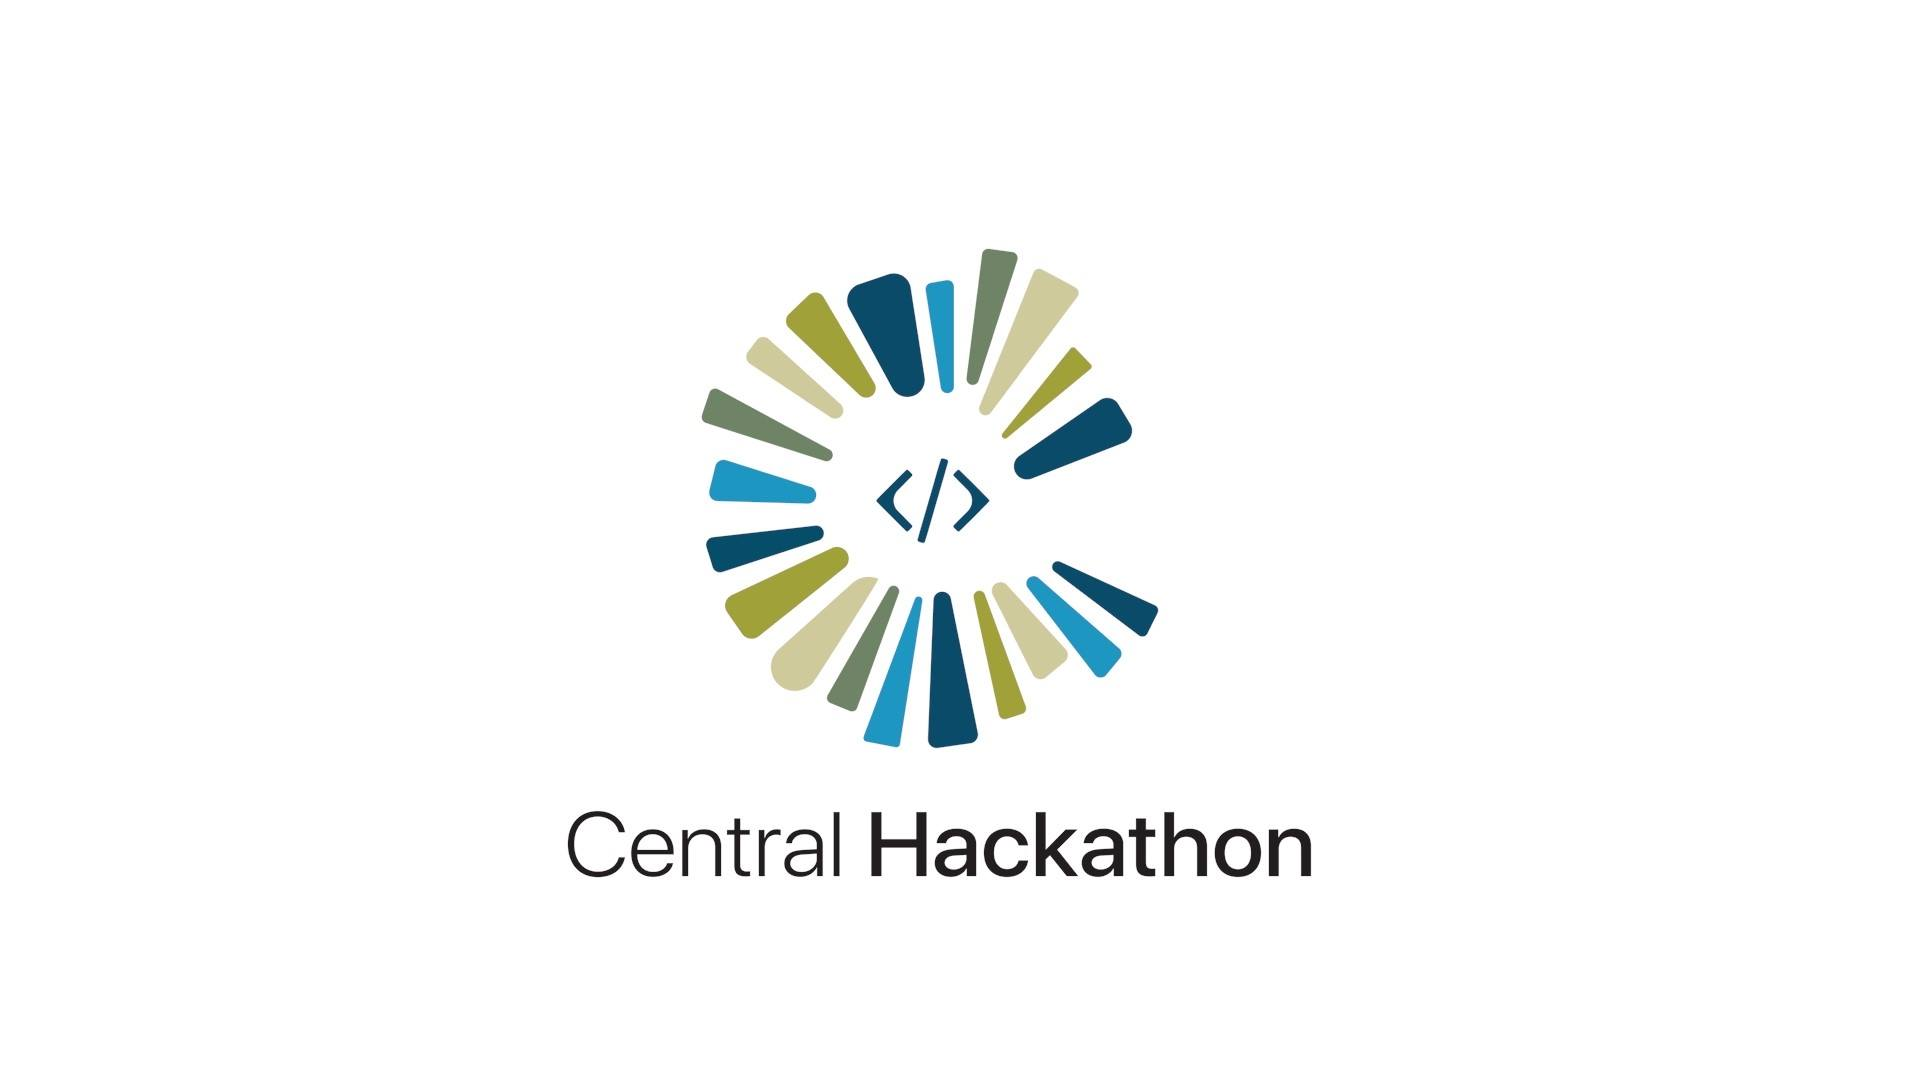 Central Hackathon